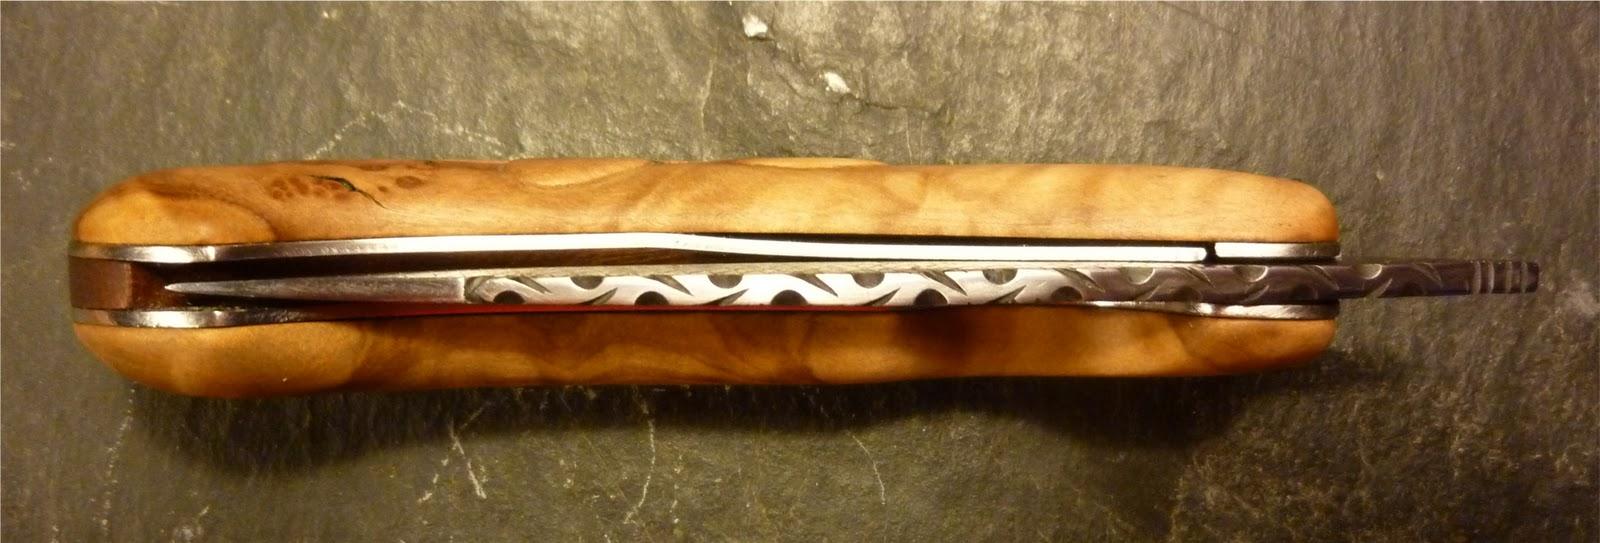 les couteaux de gr le dernier de l 39 ann e. Black Bedroom Furniture Sets. Home Design Ideas